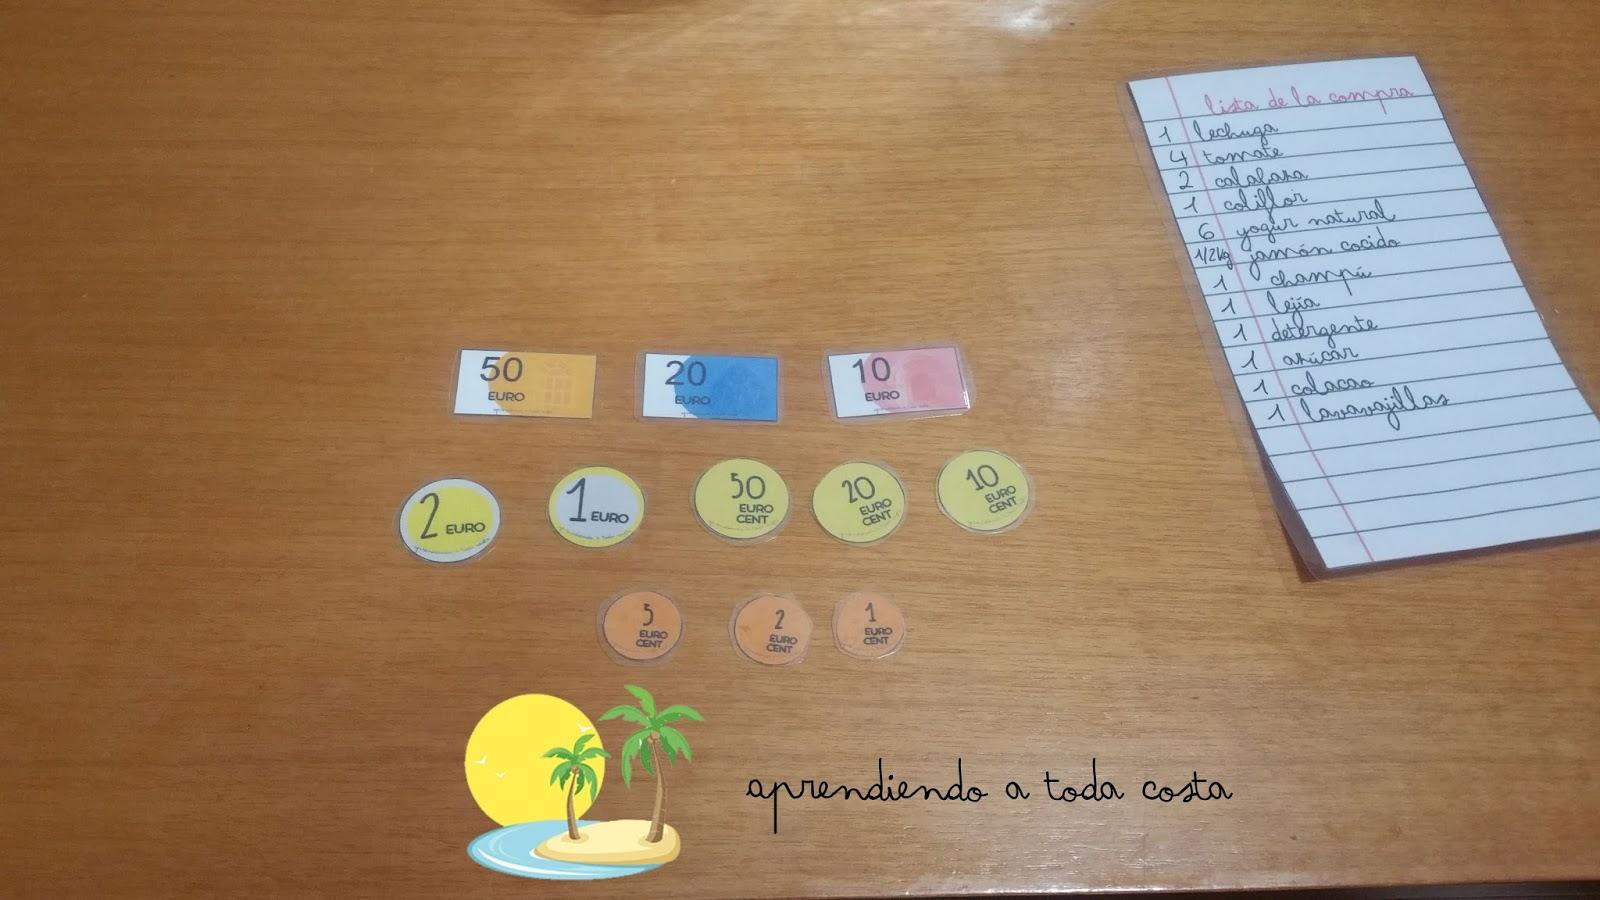 Monedas y billetes impreso